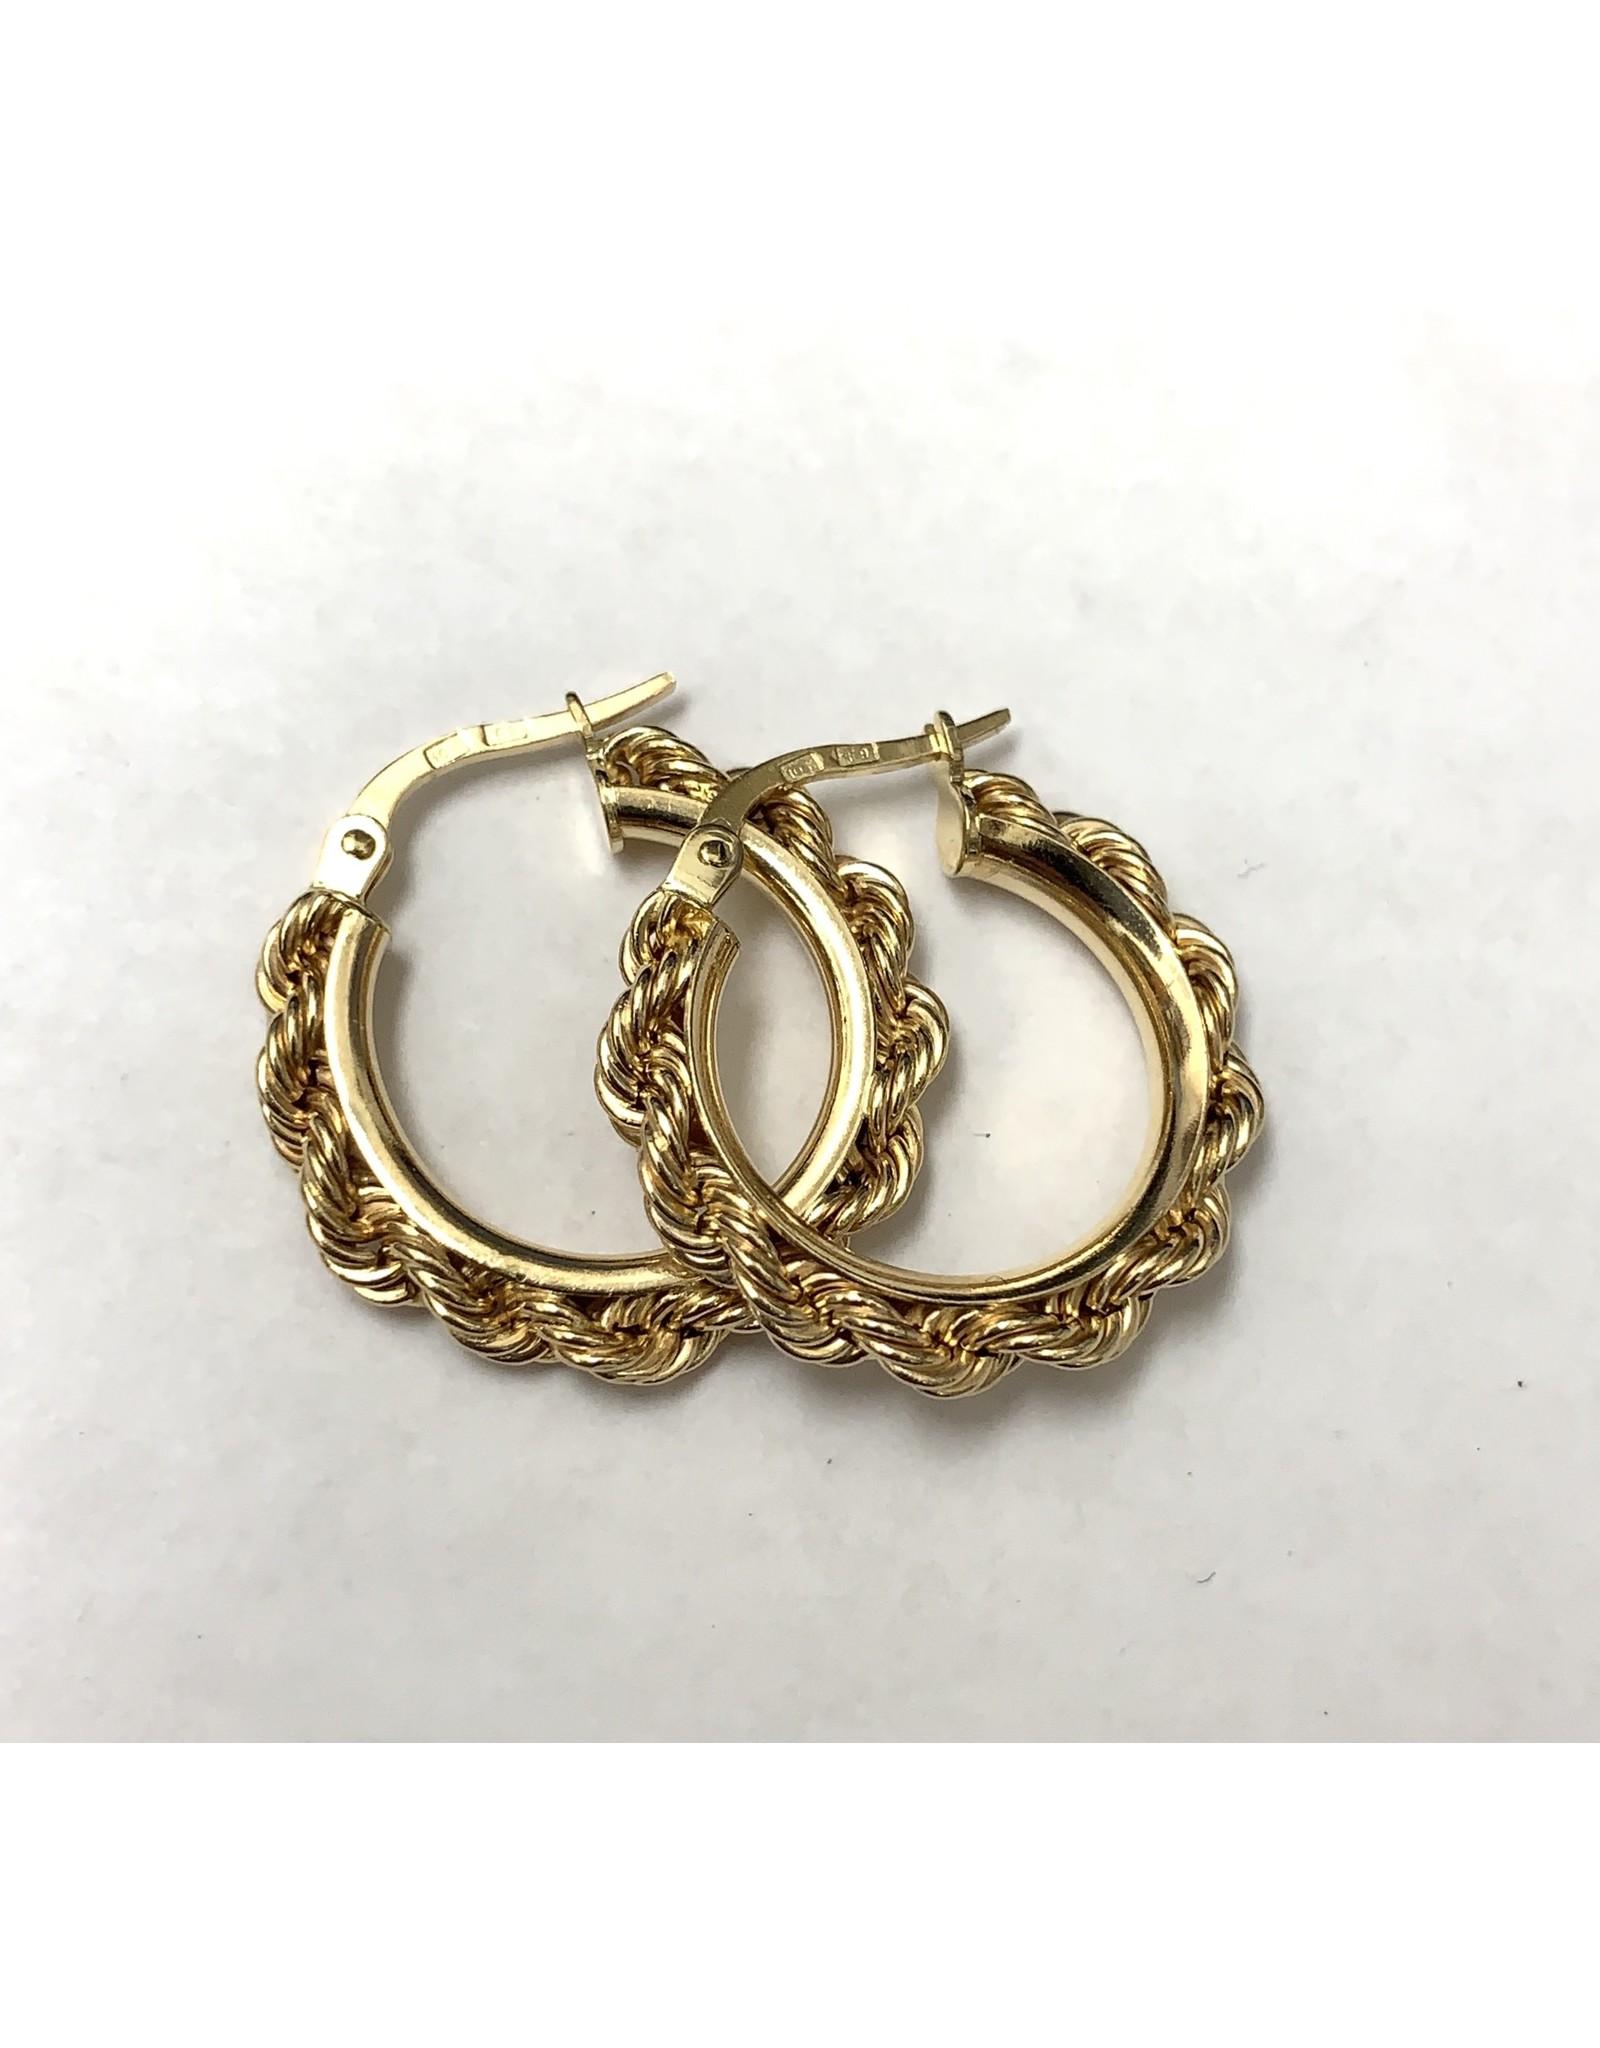 Rope Chain Hoop Earrings 10KY